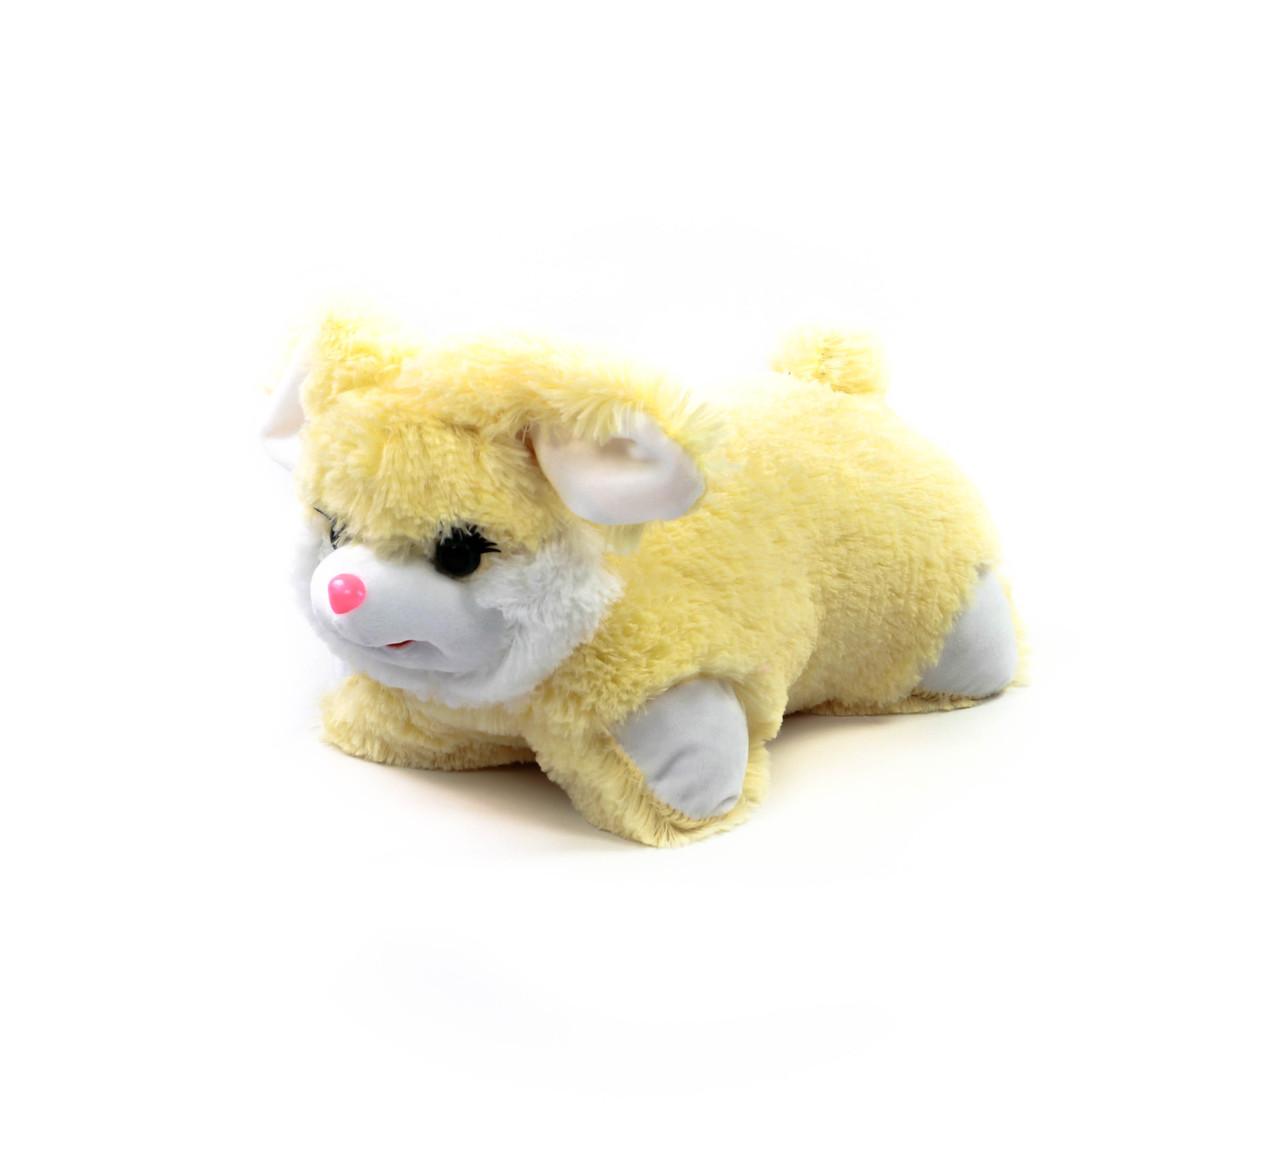 М'яка іграшка Зайчик-Подушка